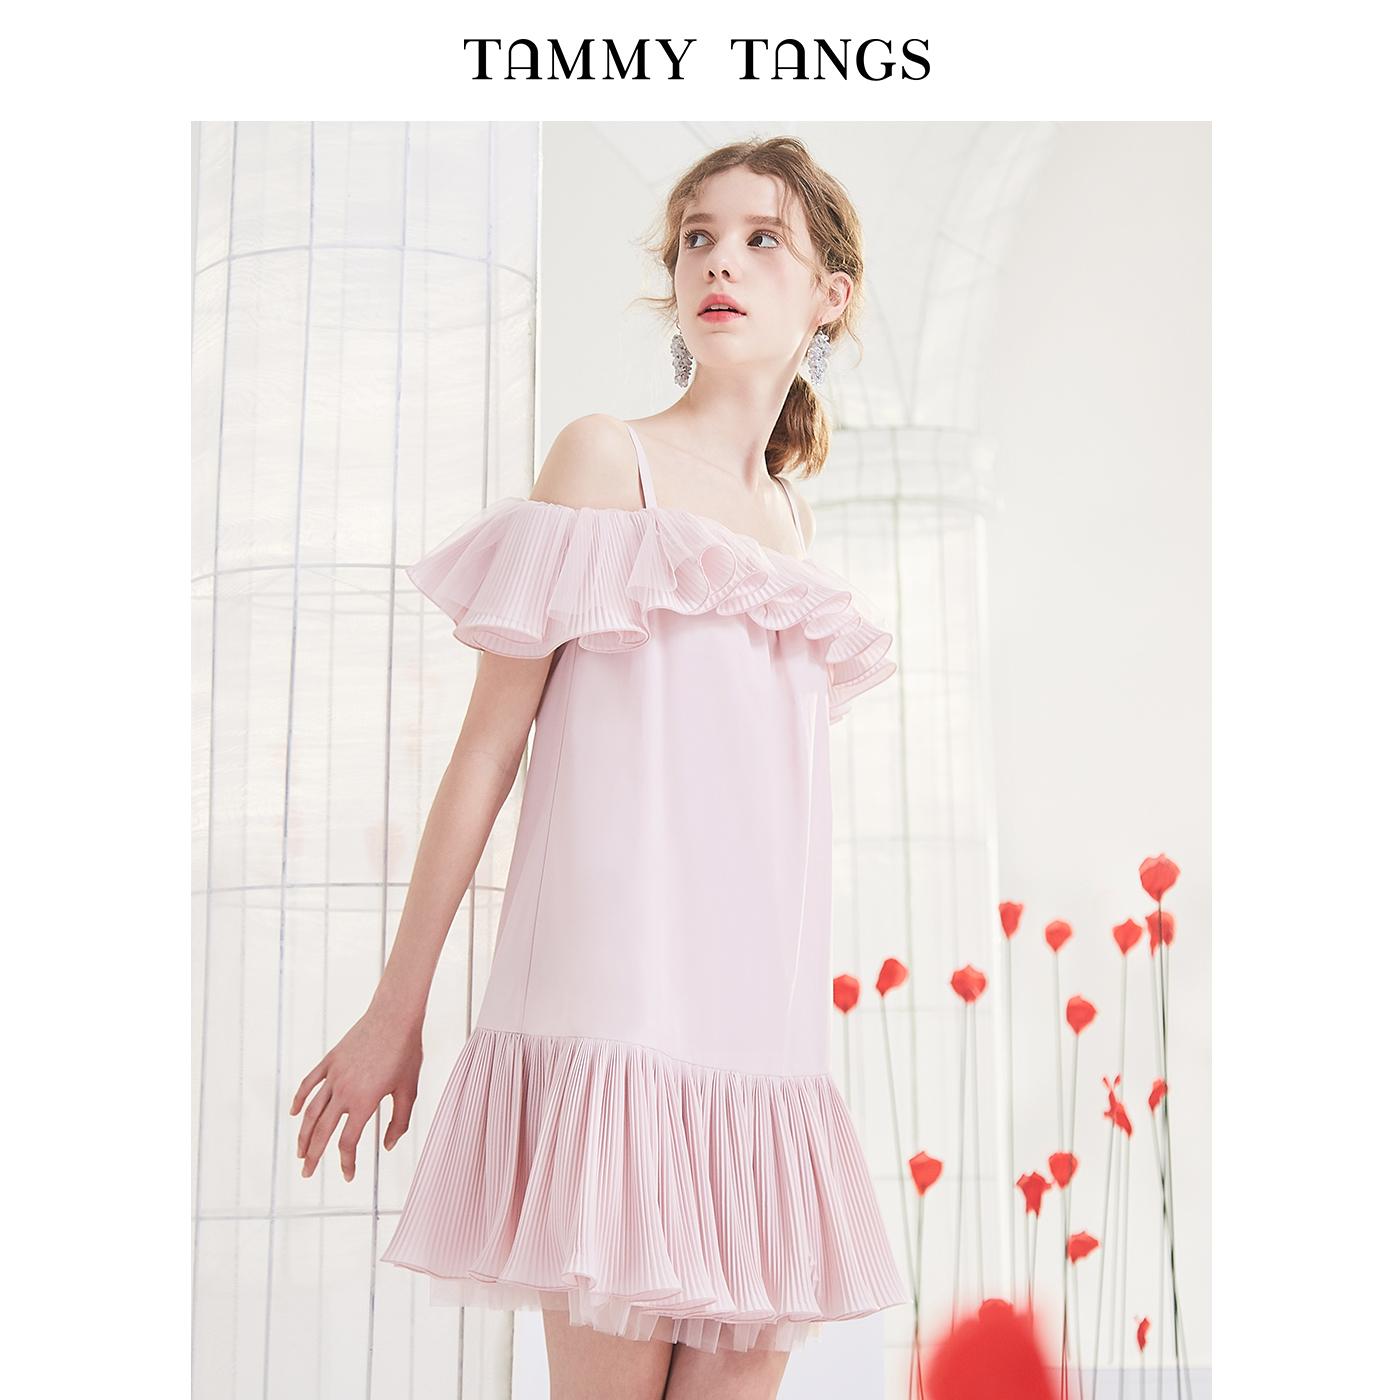 粉红色连衣裙 糖力 夏季新款粉红色一字肩宽松网纱百褶荷叶边吊带连衣裙女_推荐淘宝好看的粉红色连衣裙